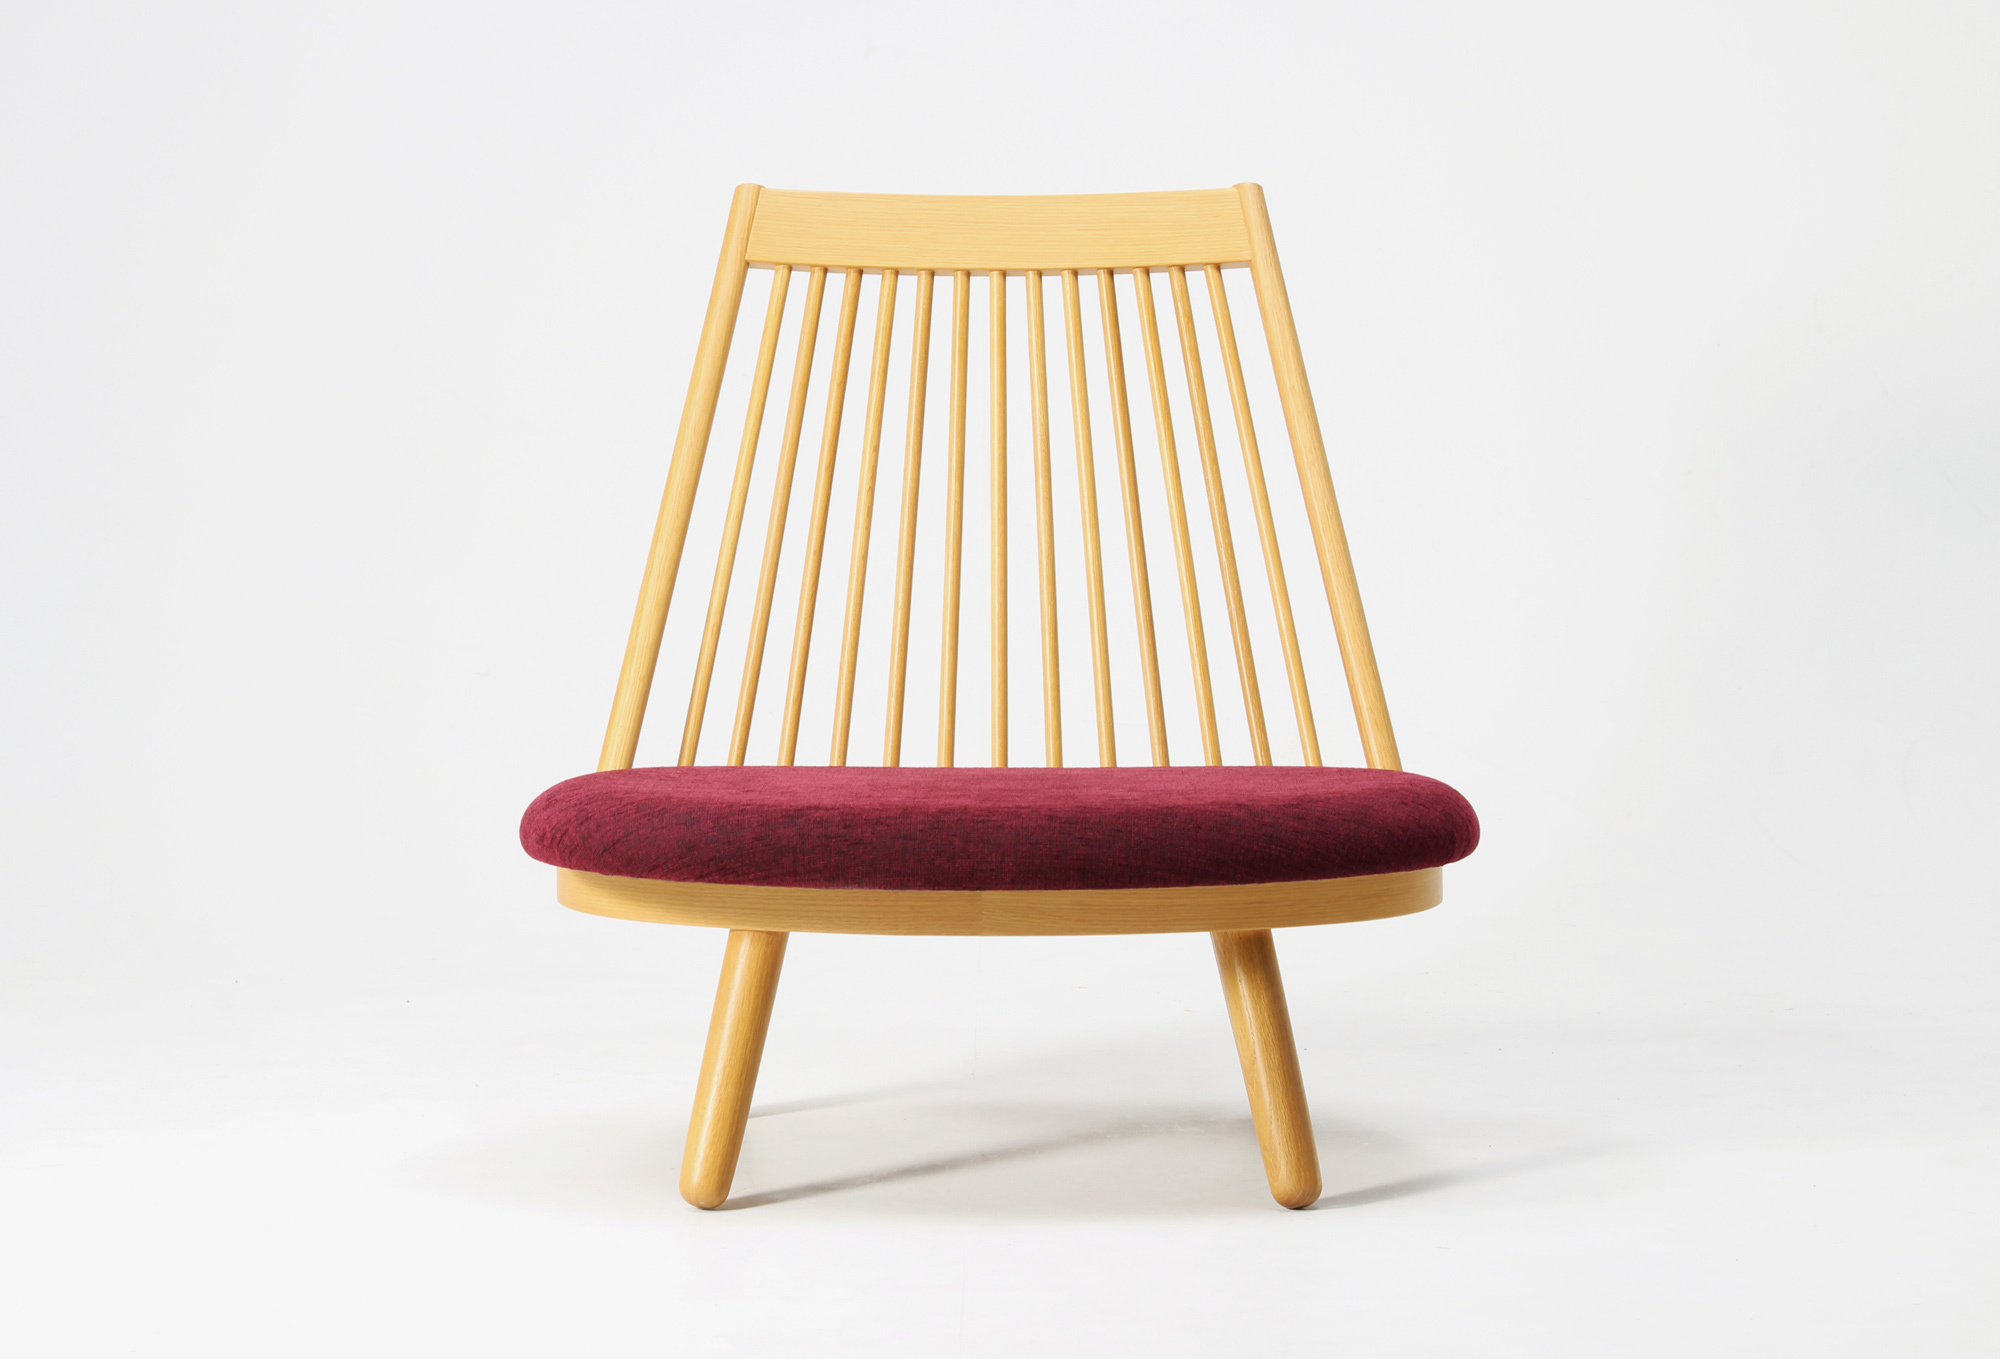 Auf der gepolzterten Sitzfläche des Spoke Chairs von Katsuhei-Toyoguchi, produziert von Tendo seit 1963, lässt sich im Schneidersitz Platz nehmen.